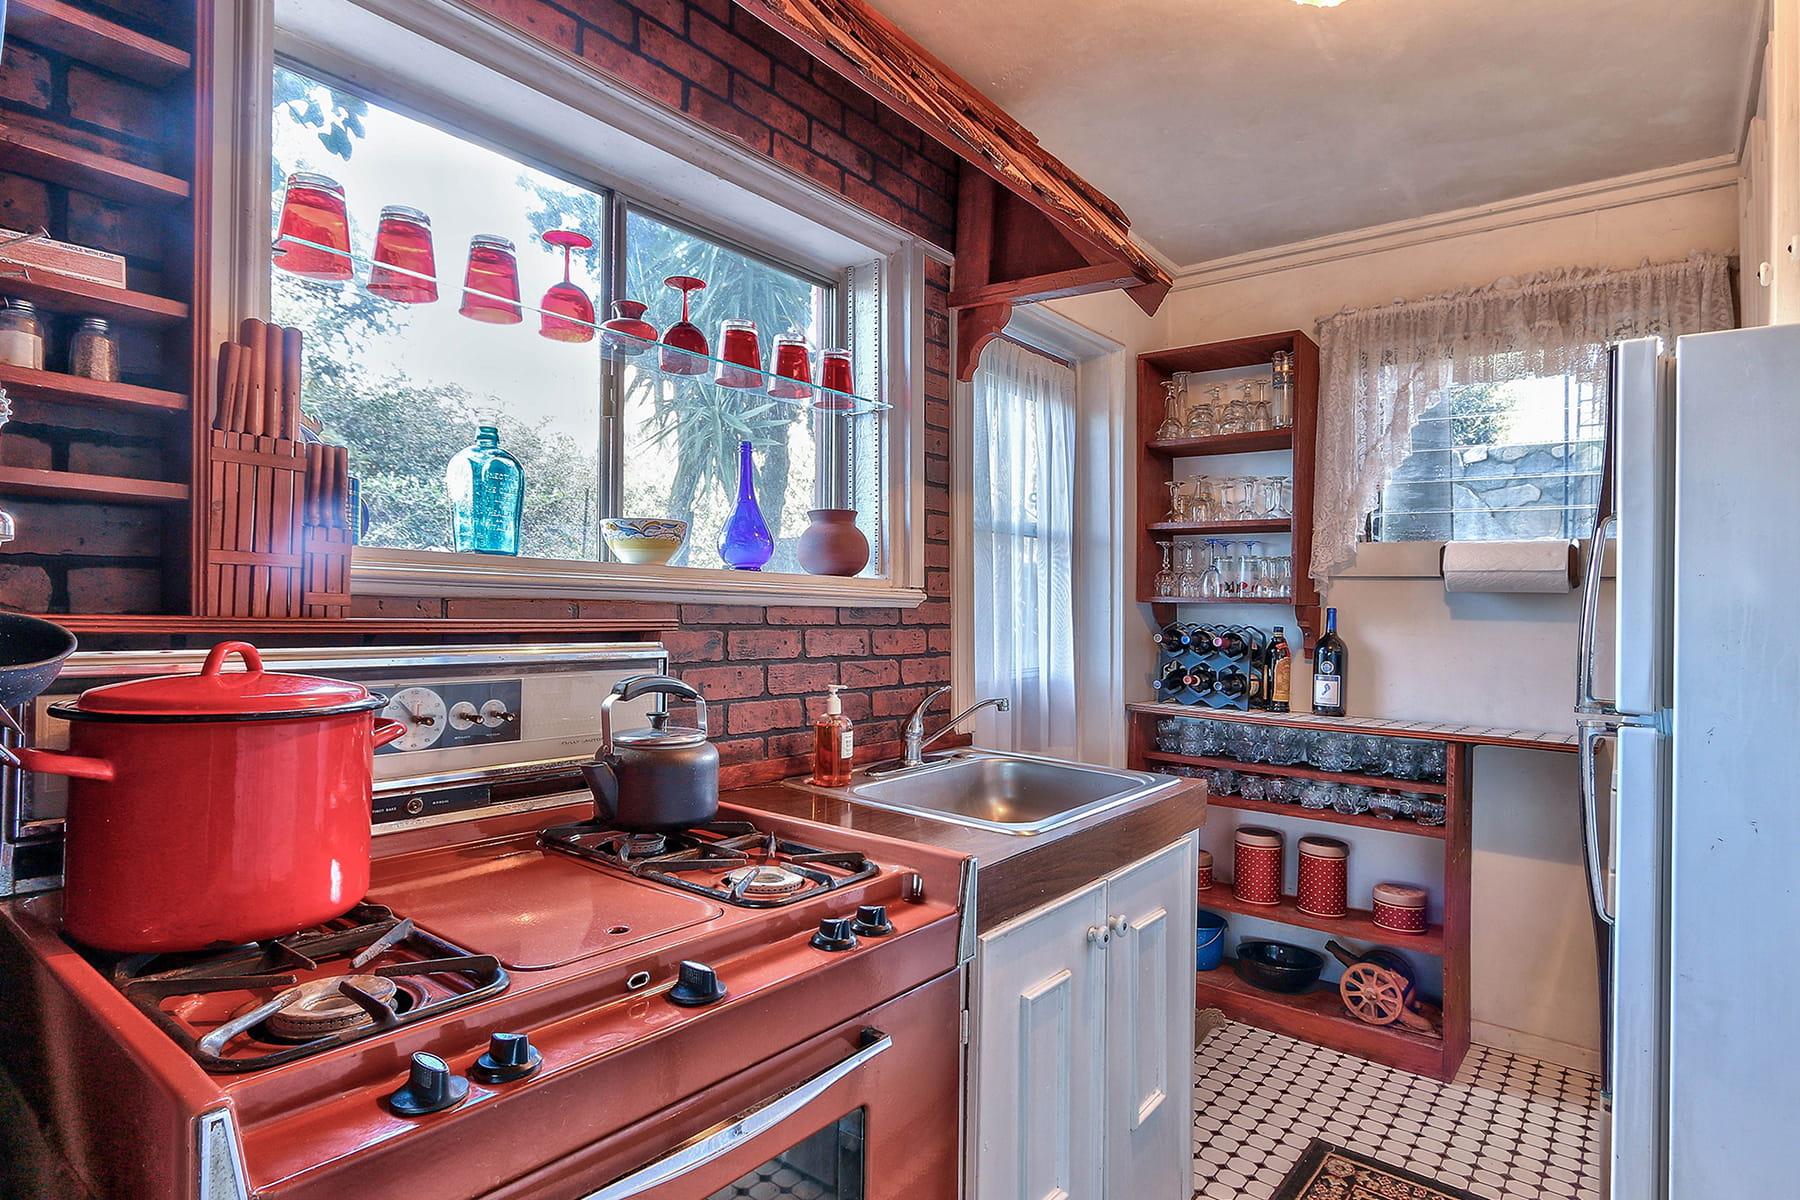 Une cuisine color e for Cuisine coloree moderne